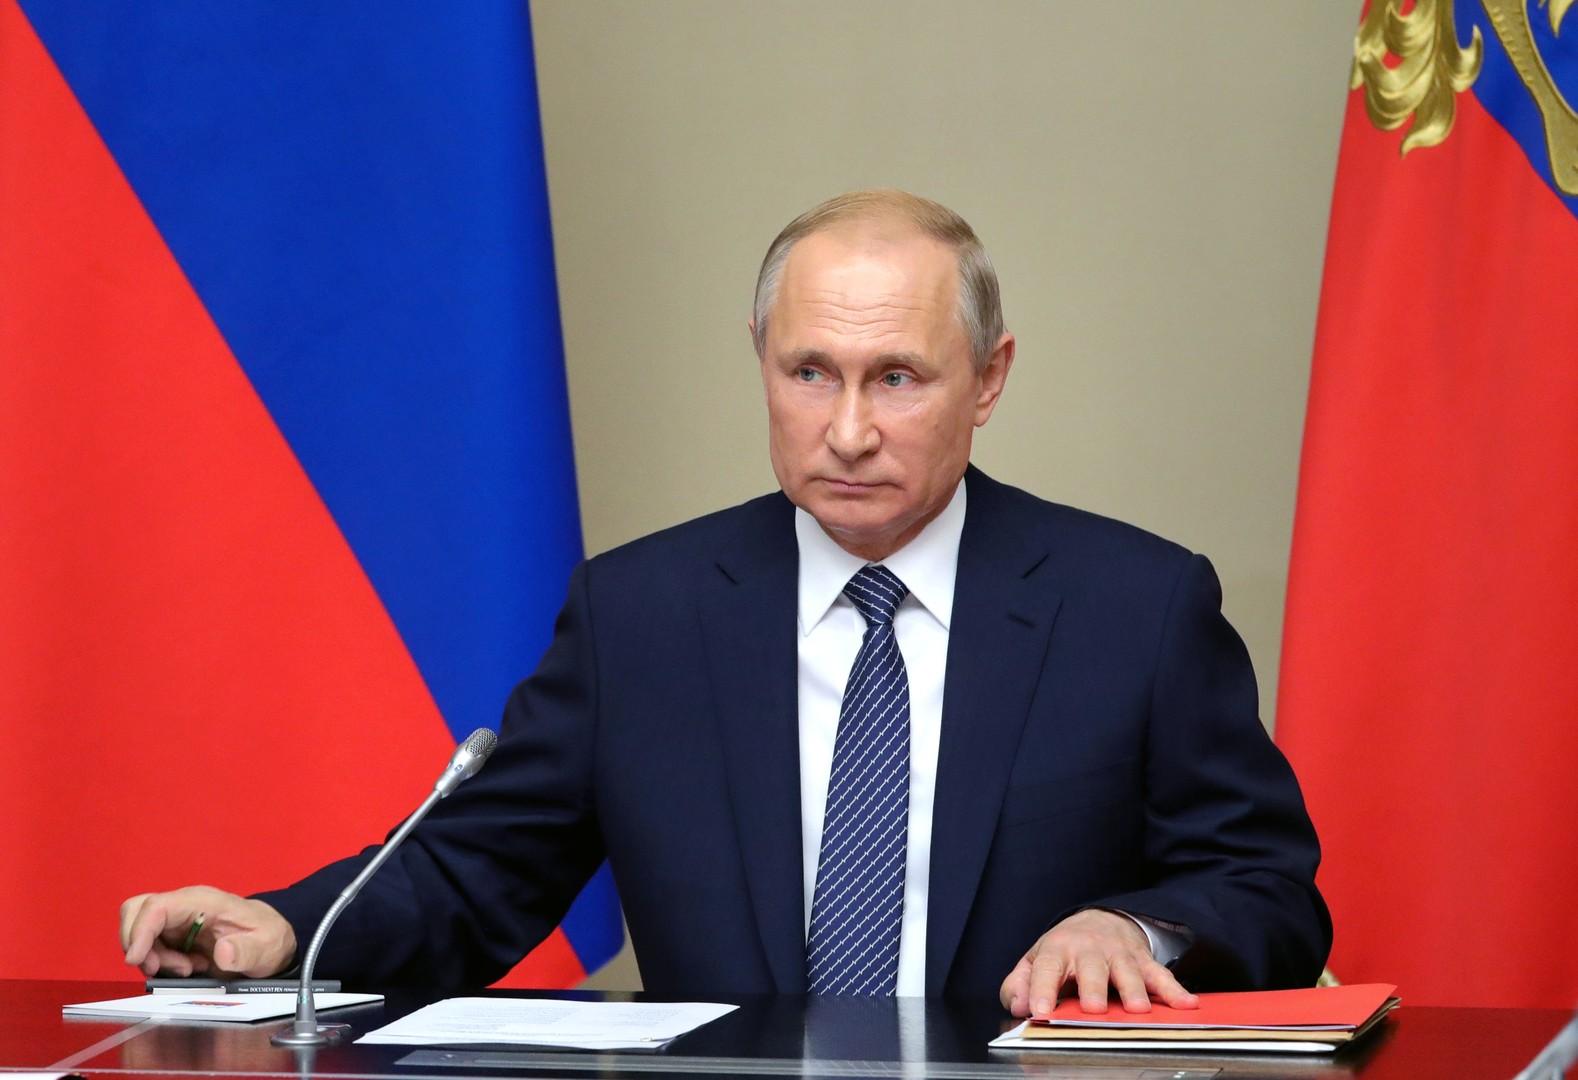 بوتين يوعز لوزارة الدفاع الروسية بمراقبة تحركات البنتاغون والرد بالمثل على تطوير الصواريخ